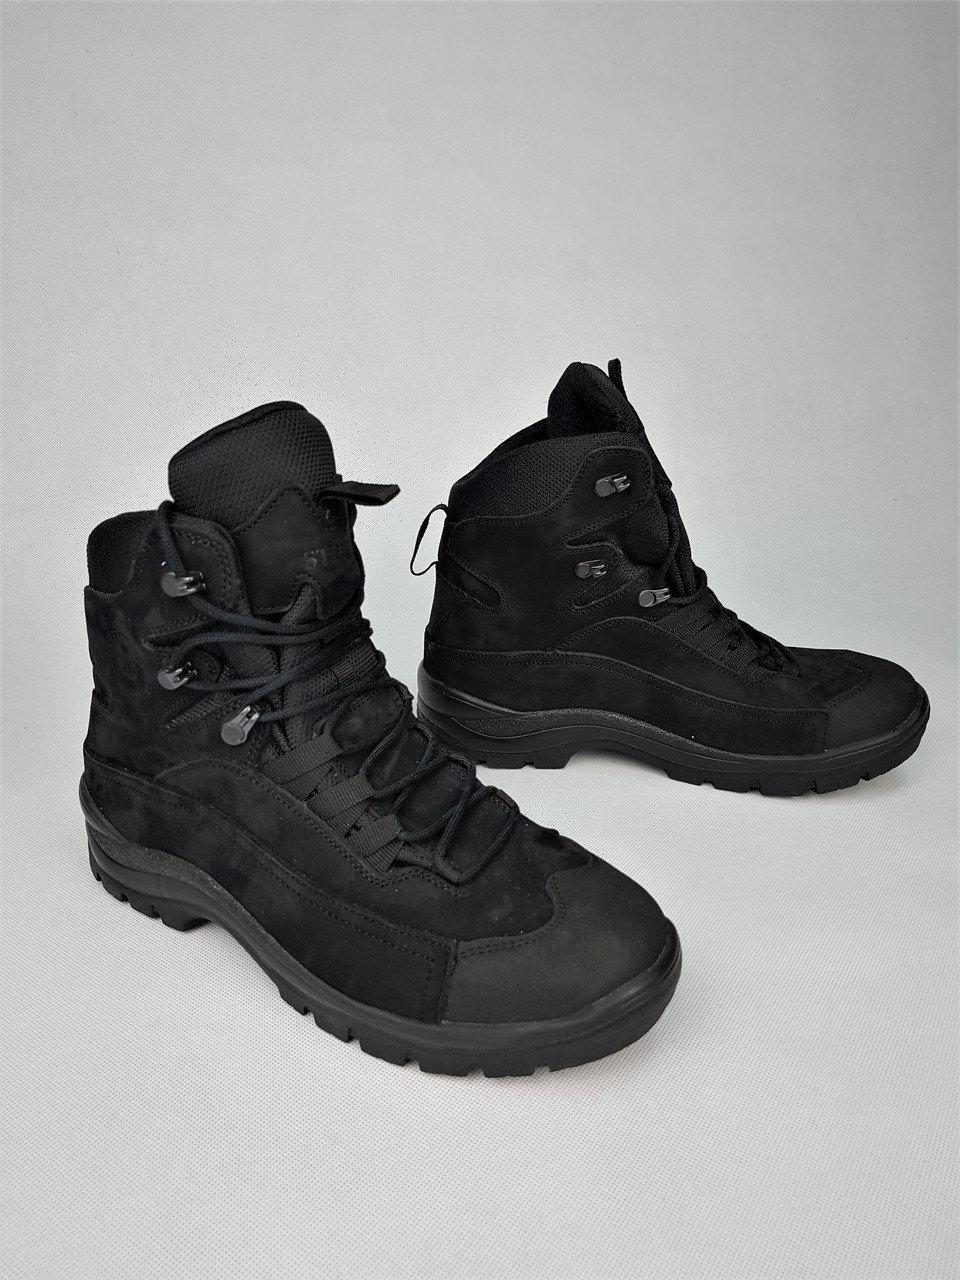 Ботинки тактические Командос нубук на мембране черные